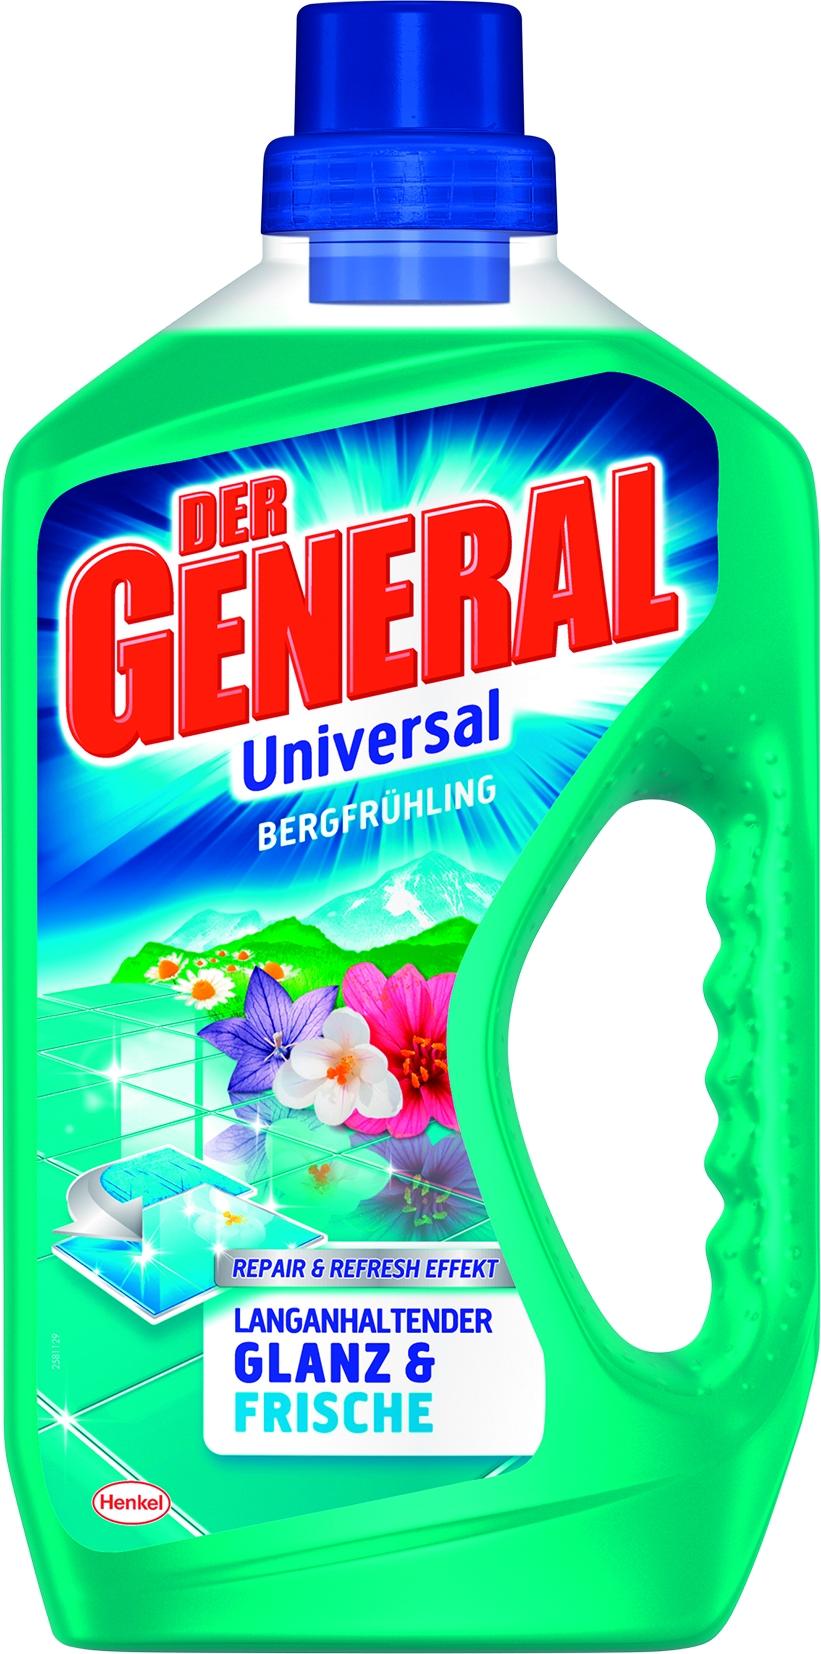 Der General Allzweckrein. Bergfruehling